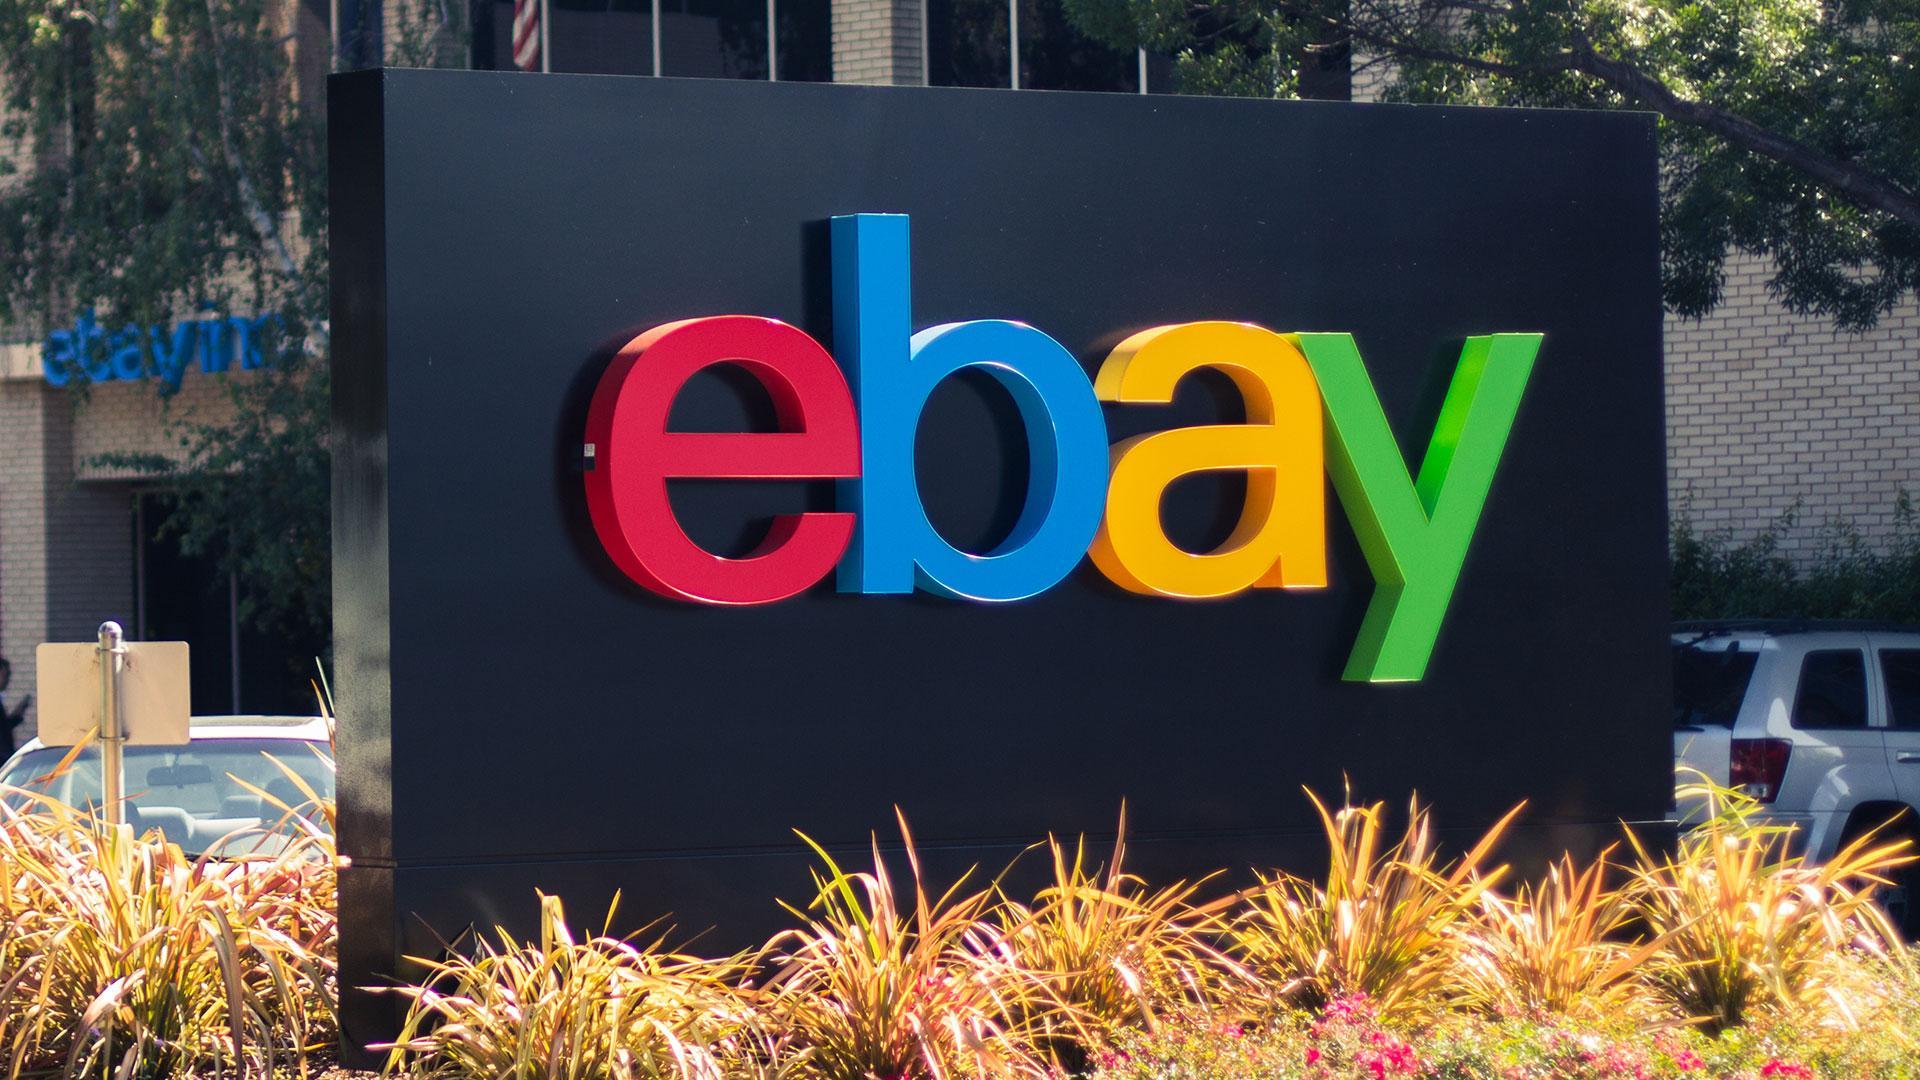 На eBay появилось специальная программа под iPhone для 3D-печати